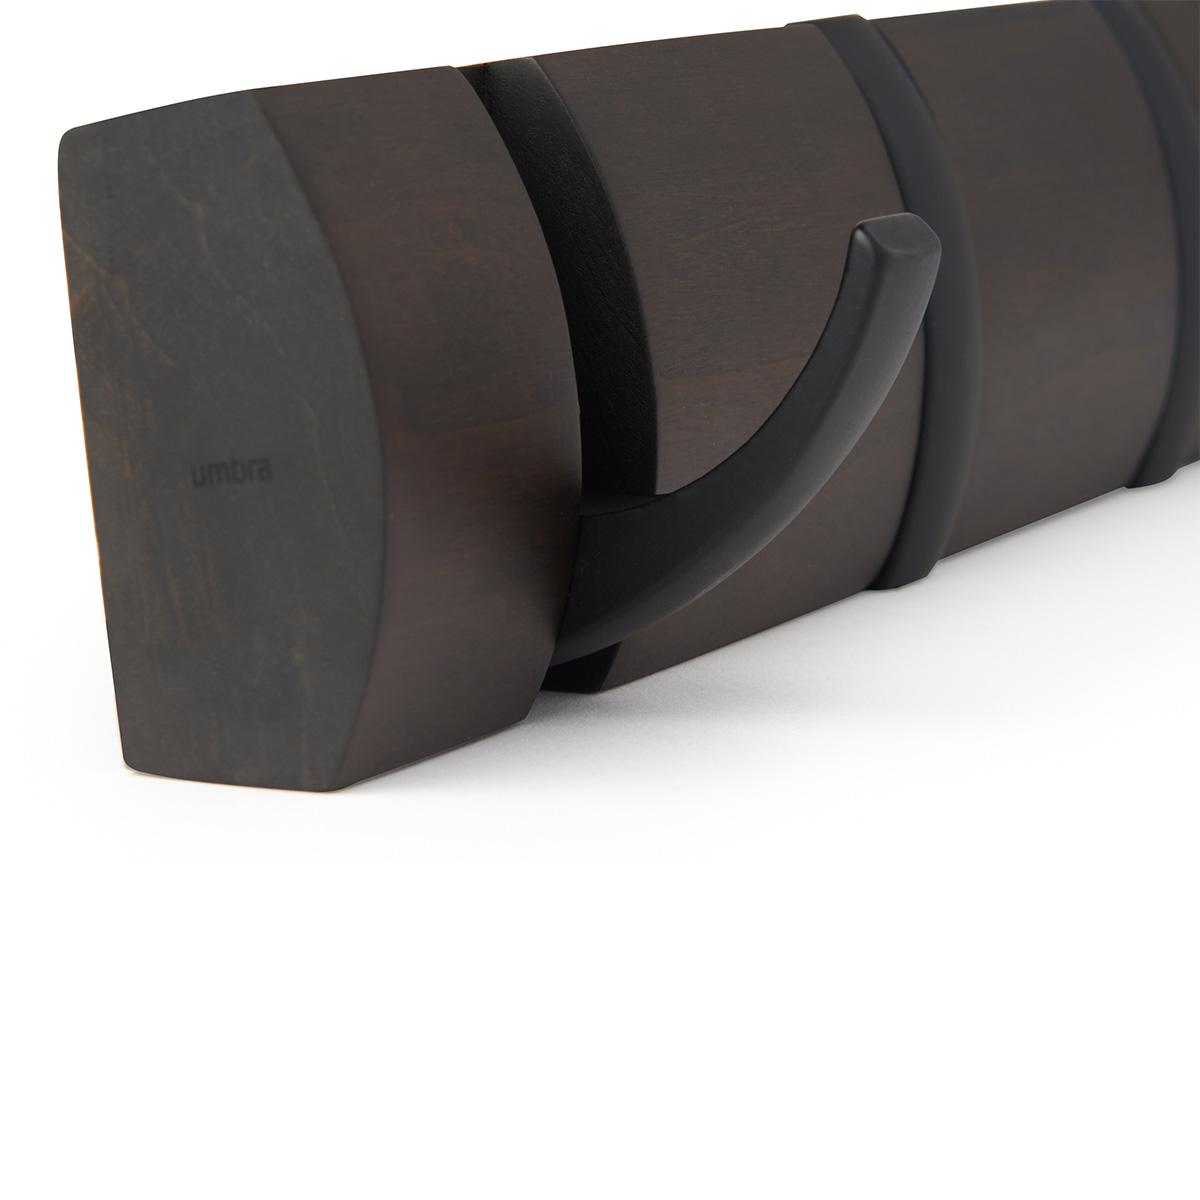 Čiviluk Flip 5 wenge-crna 318850-048